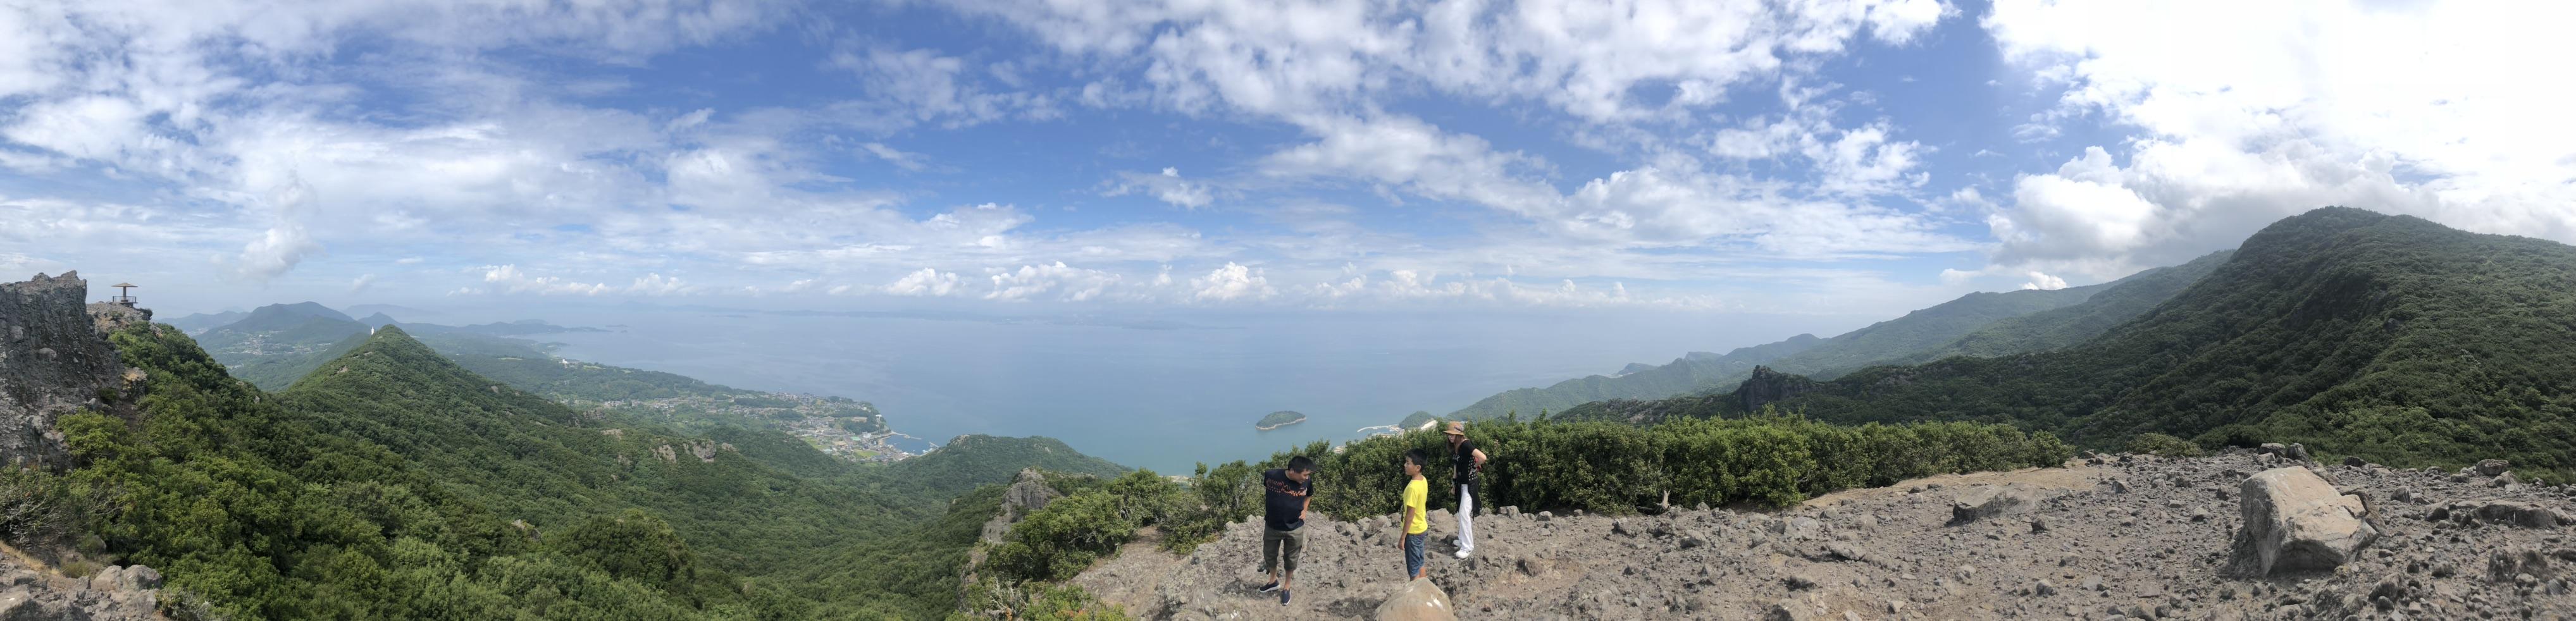 小豆島のお猿の国からの絶景